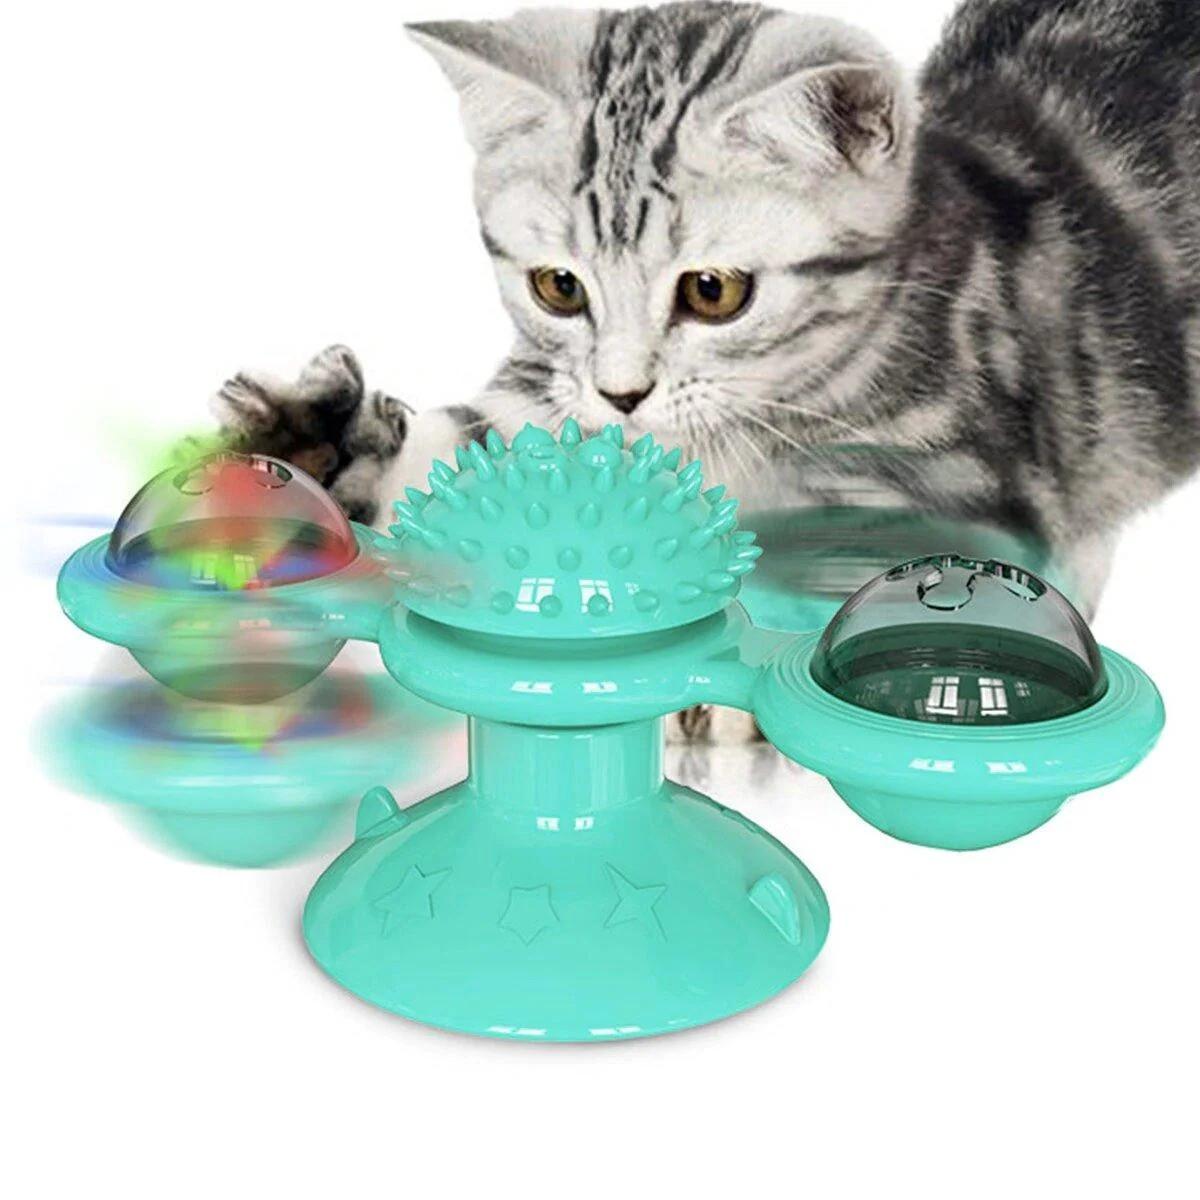 Игрушка для кота с шариками Rotate windmill cat toy, Бирюзовая игрушка для чистки зубов кошек (ST)